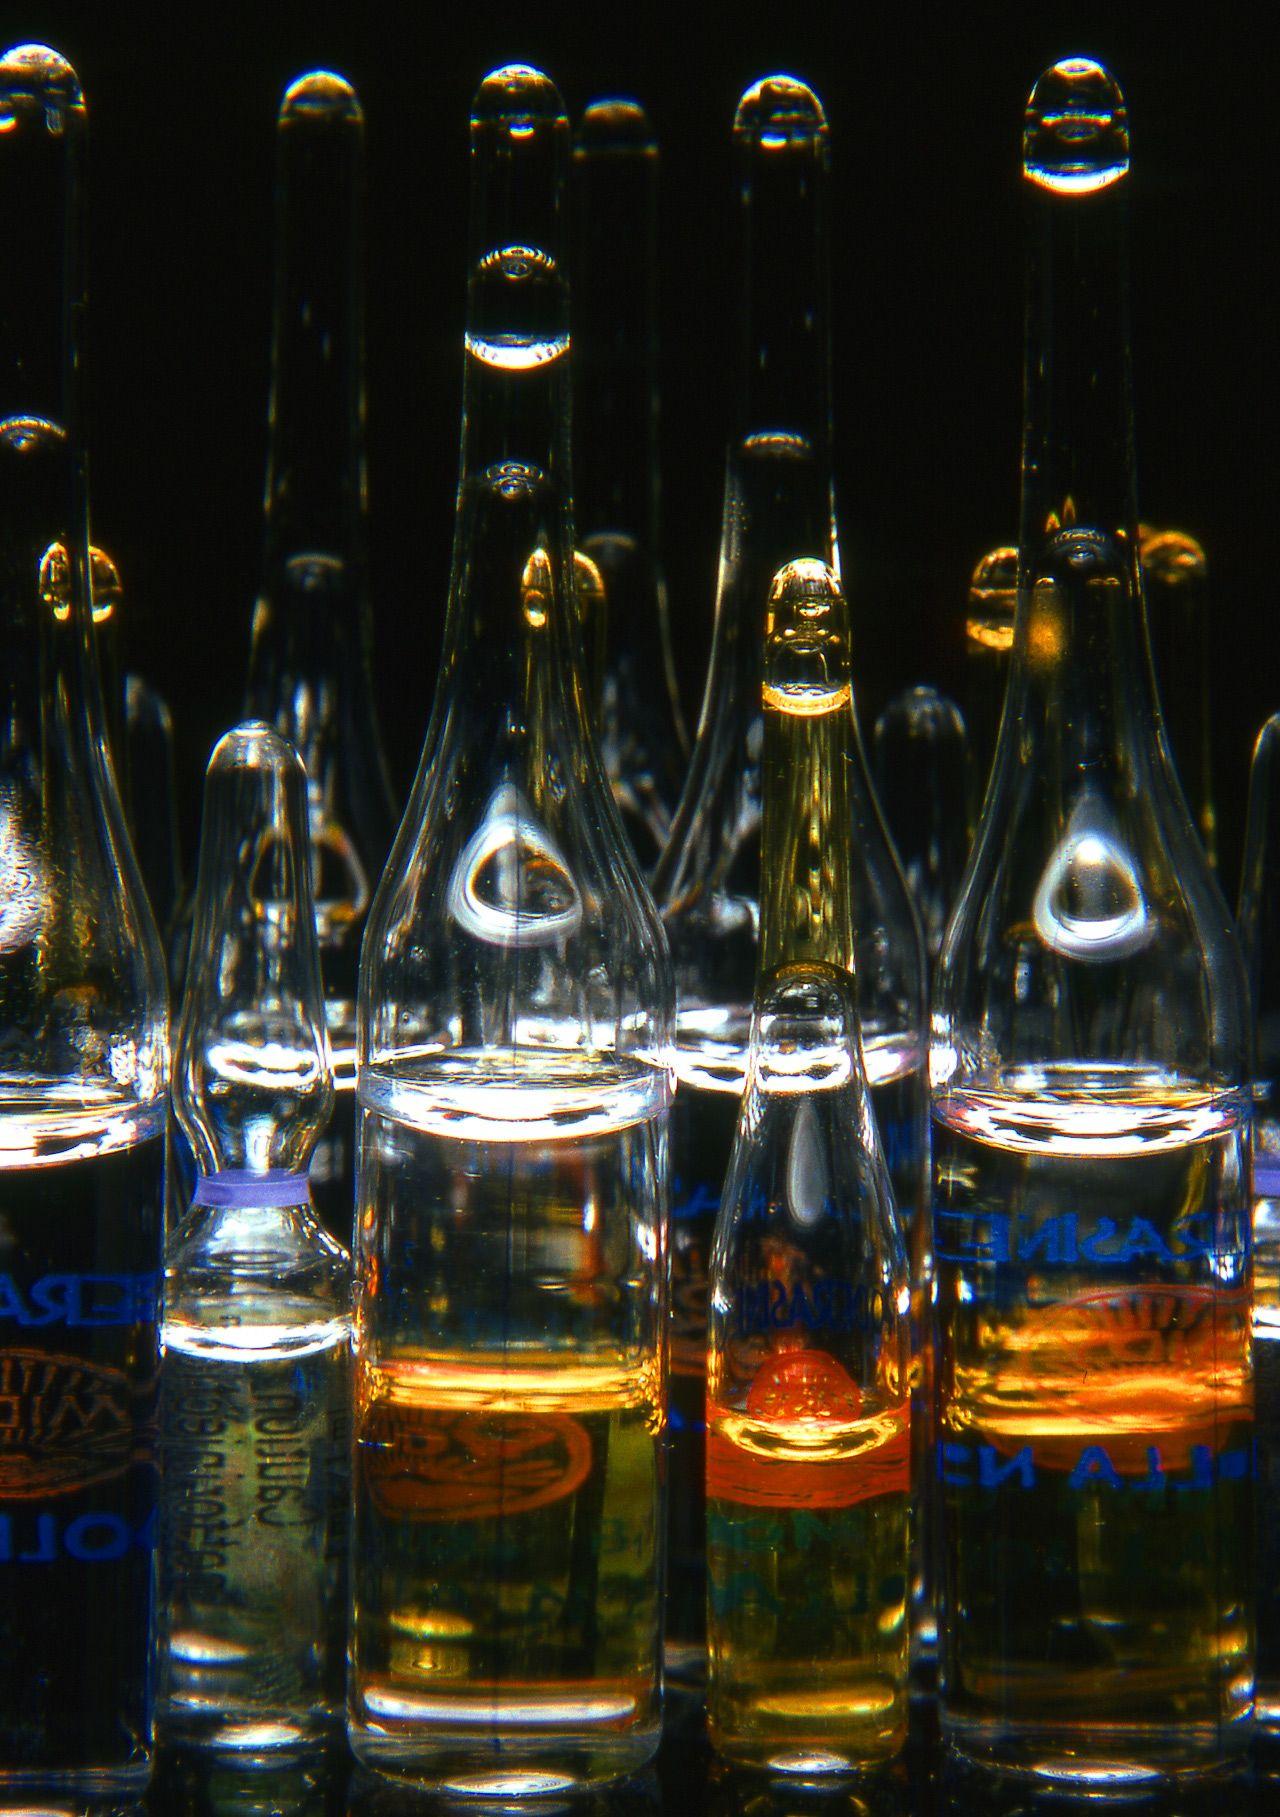 vials.jpg